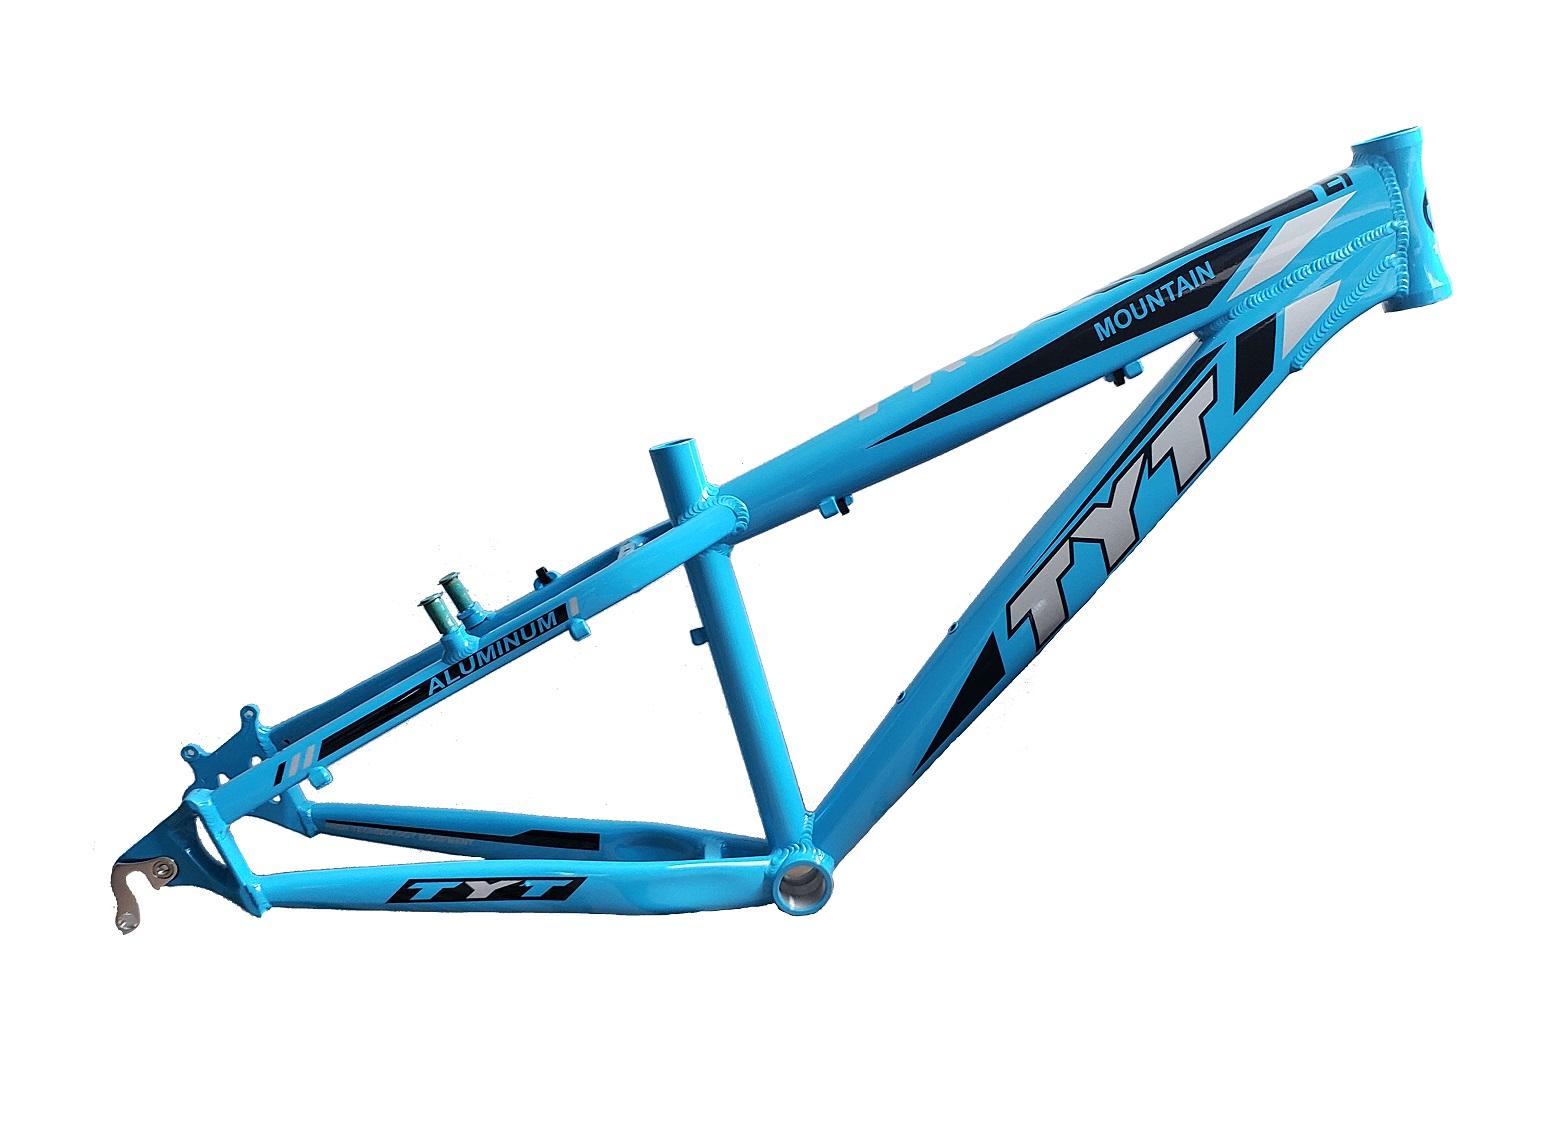 Quadro TYT Freeride Aro 26 Dh Freestyle Passeio - Azul